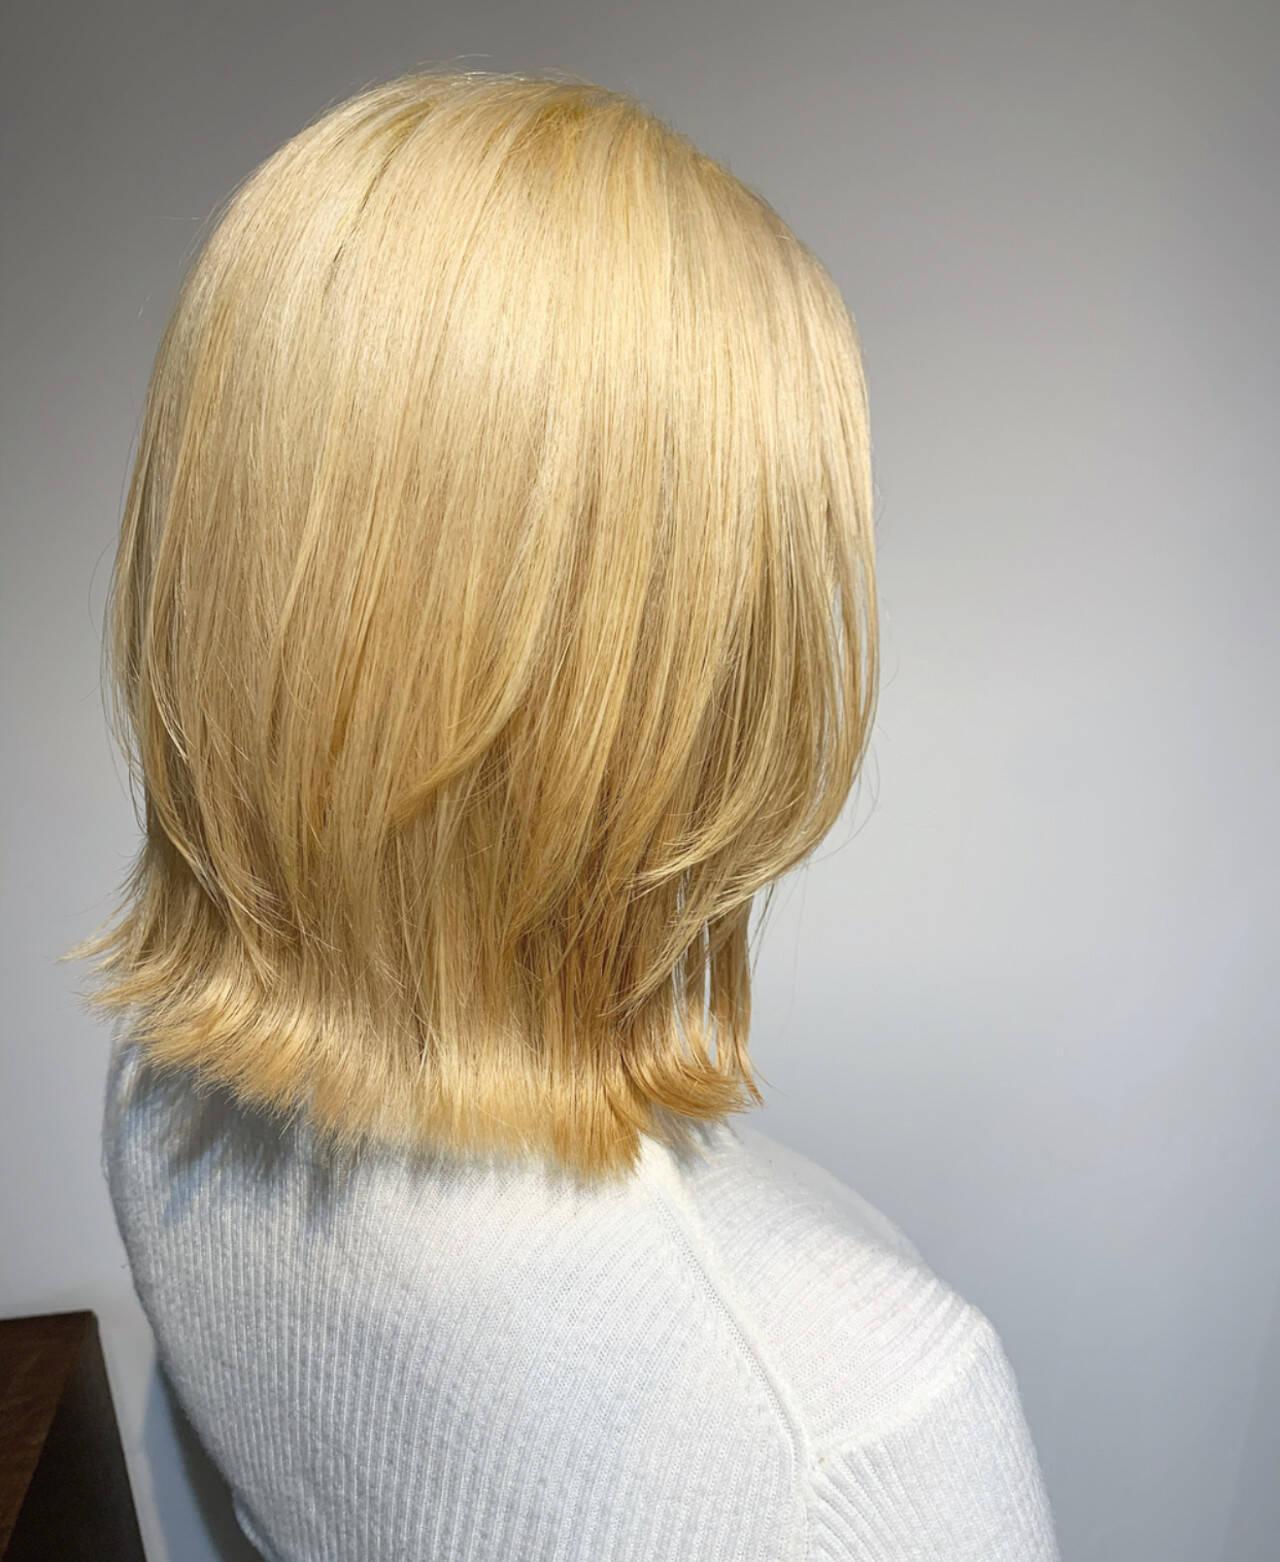 ホワイトカラー ボブ ラベージュ 大人ハイライトヘアスタイルや髪型の写真・画像